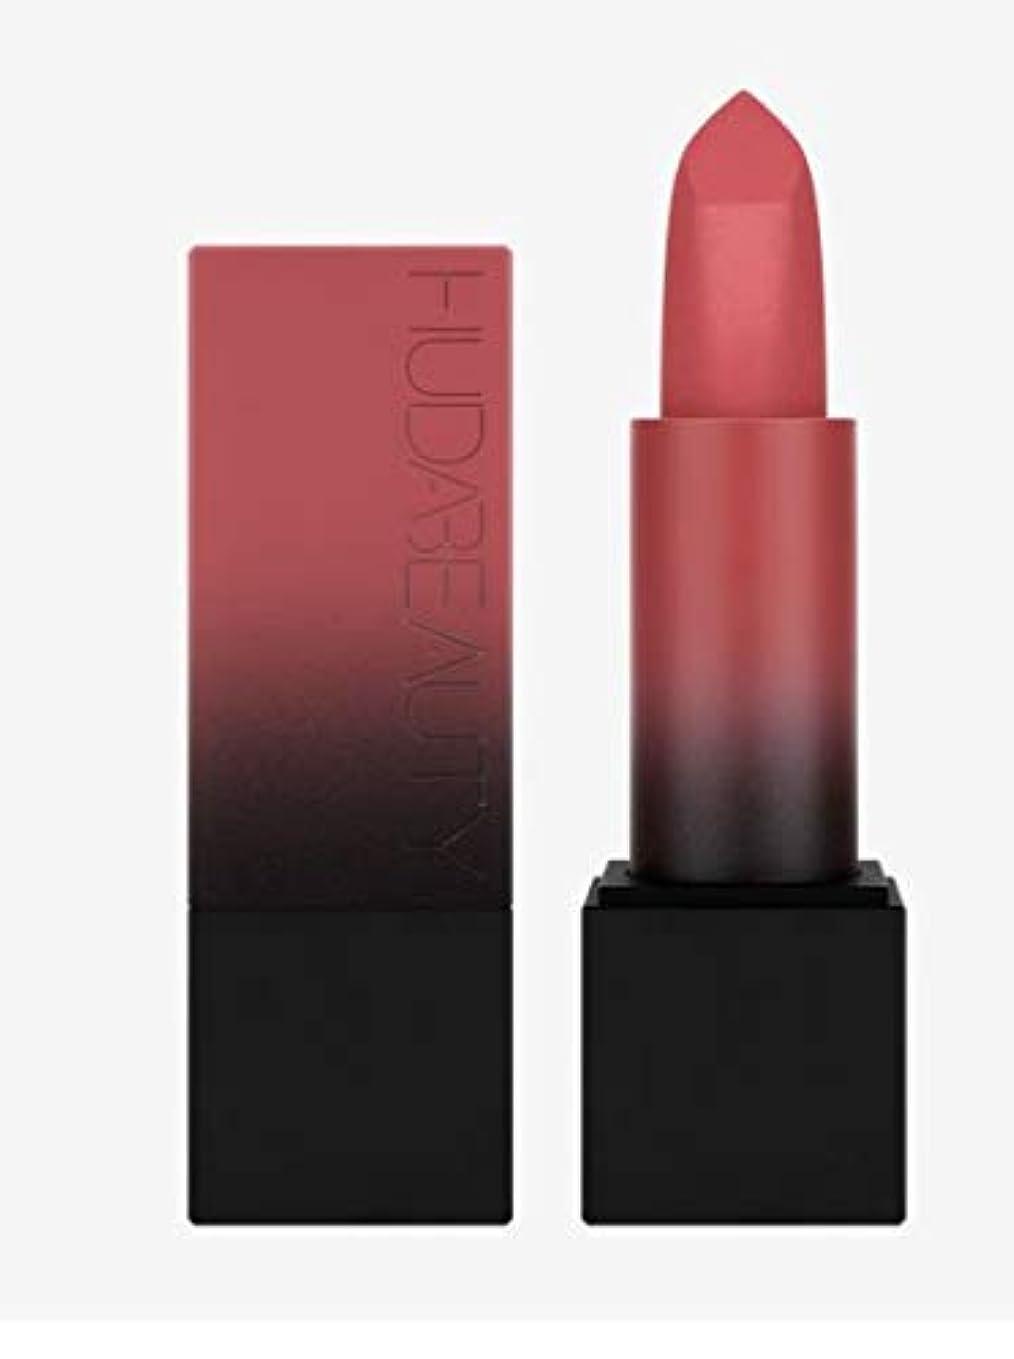 解読する相関する定期的なHudabeauty Power Bullet Matte Lipstick マットリップ Honeymoon